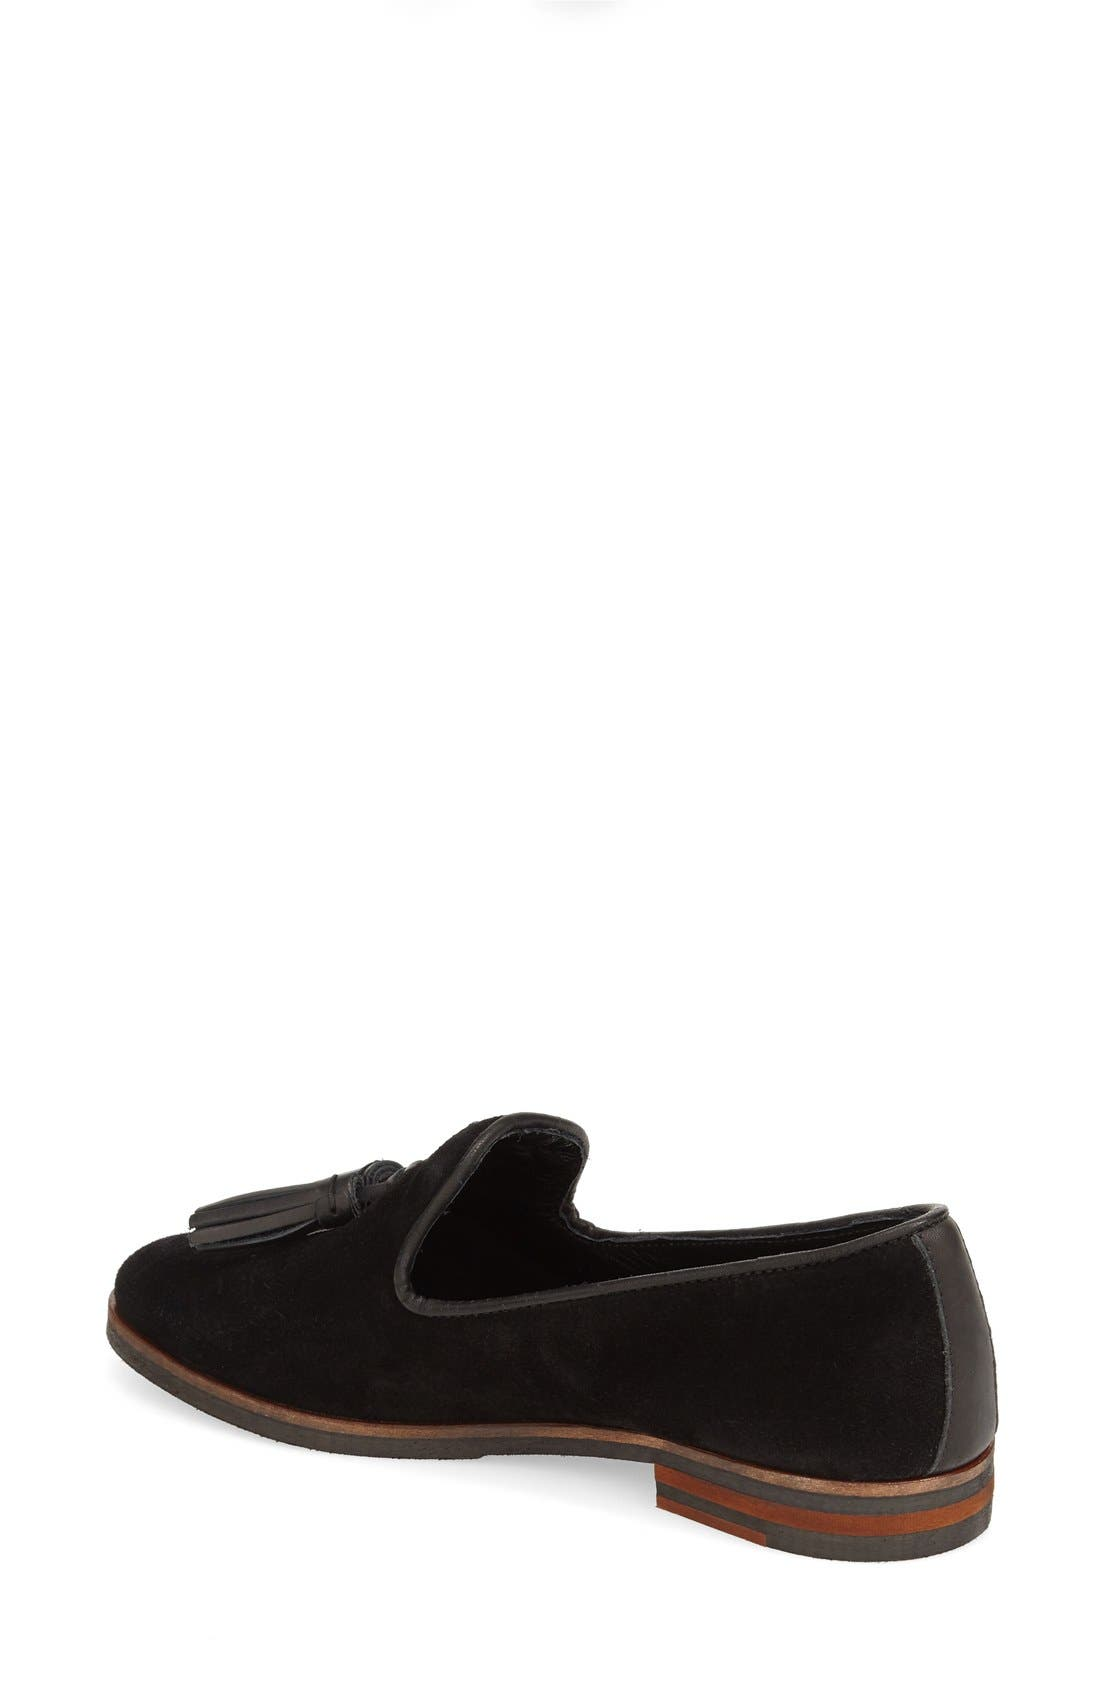 Alternate Image 2  - Dune London 'Gales' Tasseled Venetian Loafer (Women)